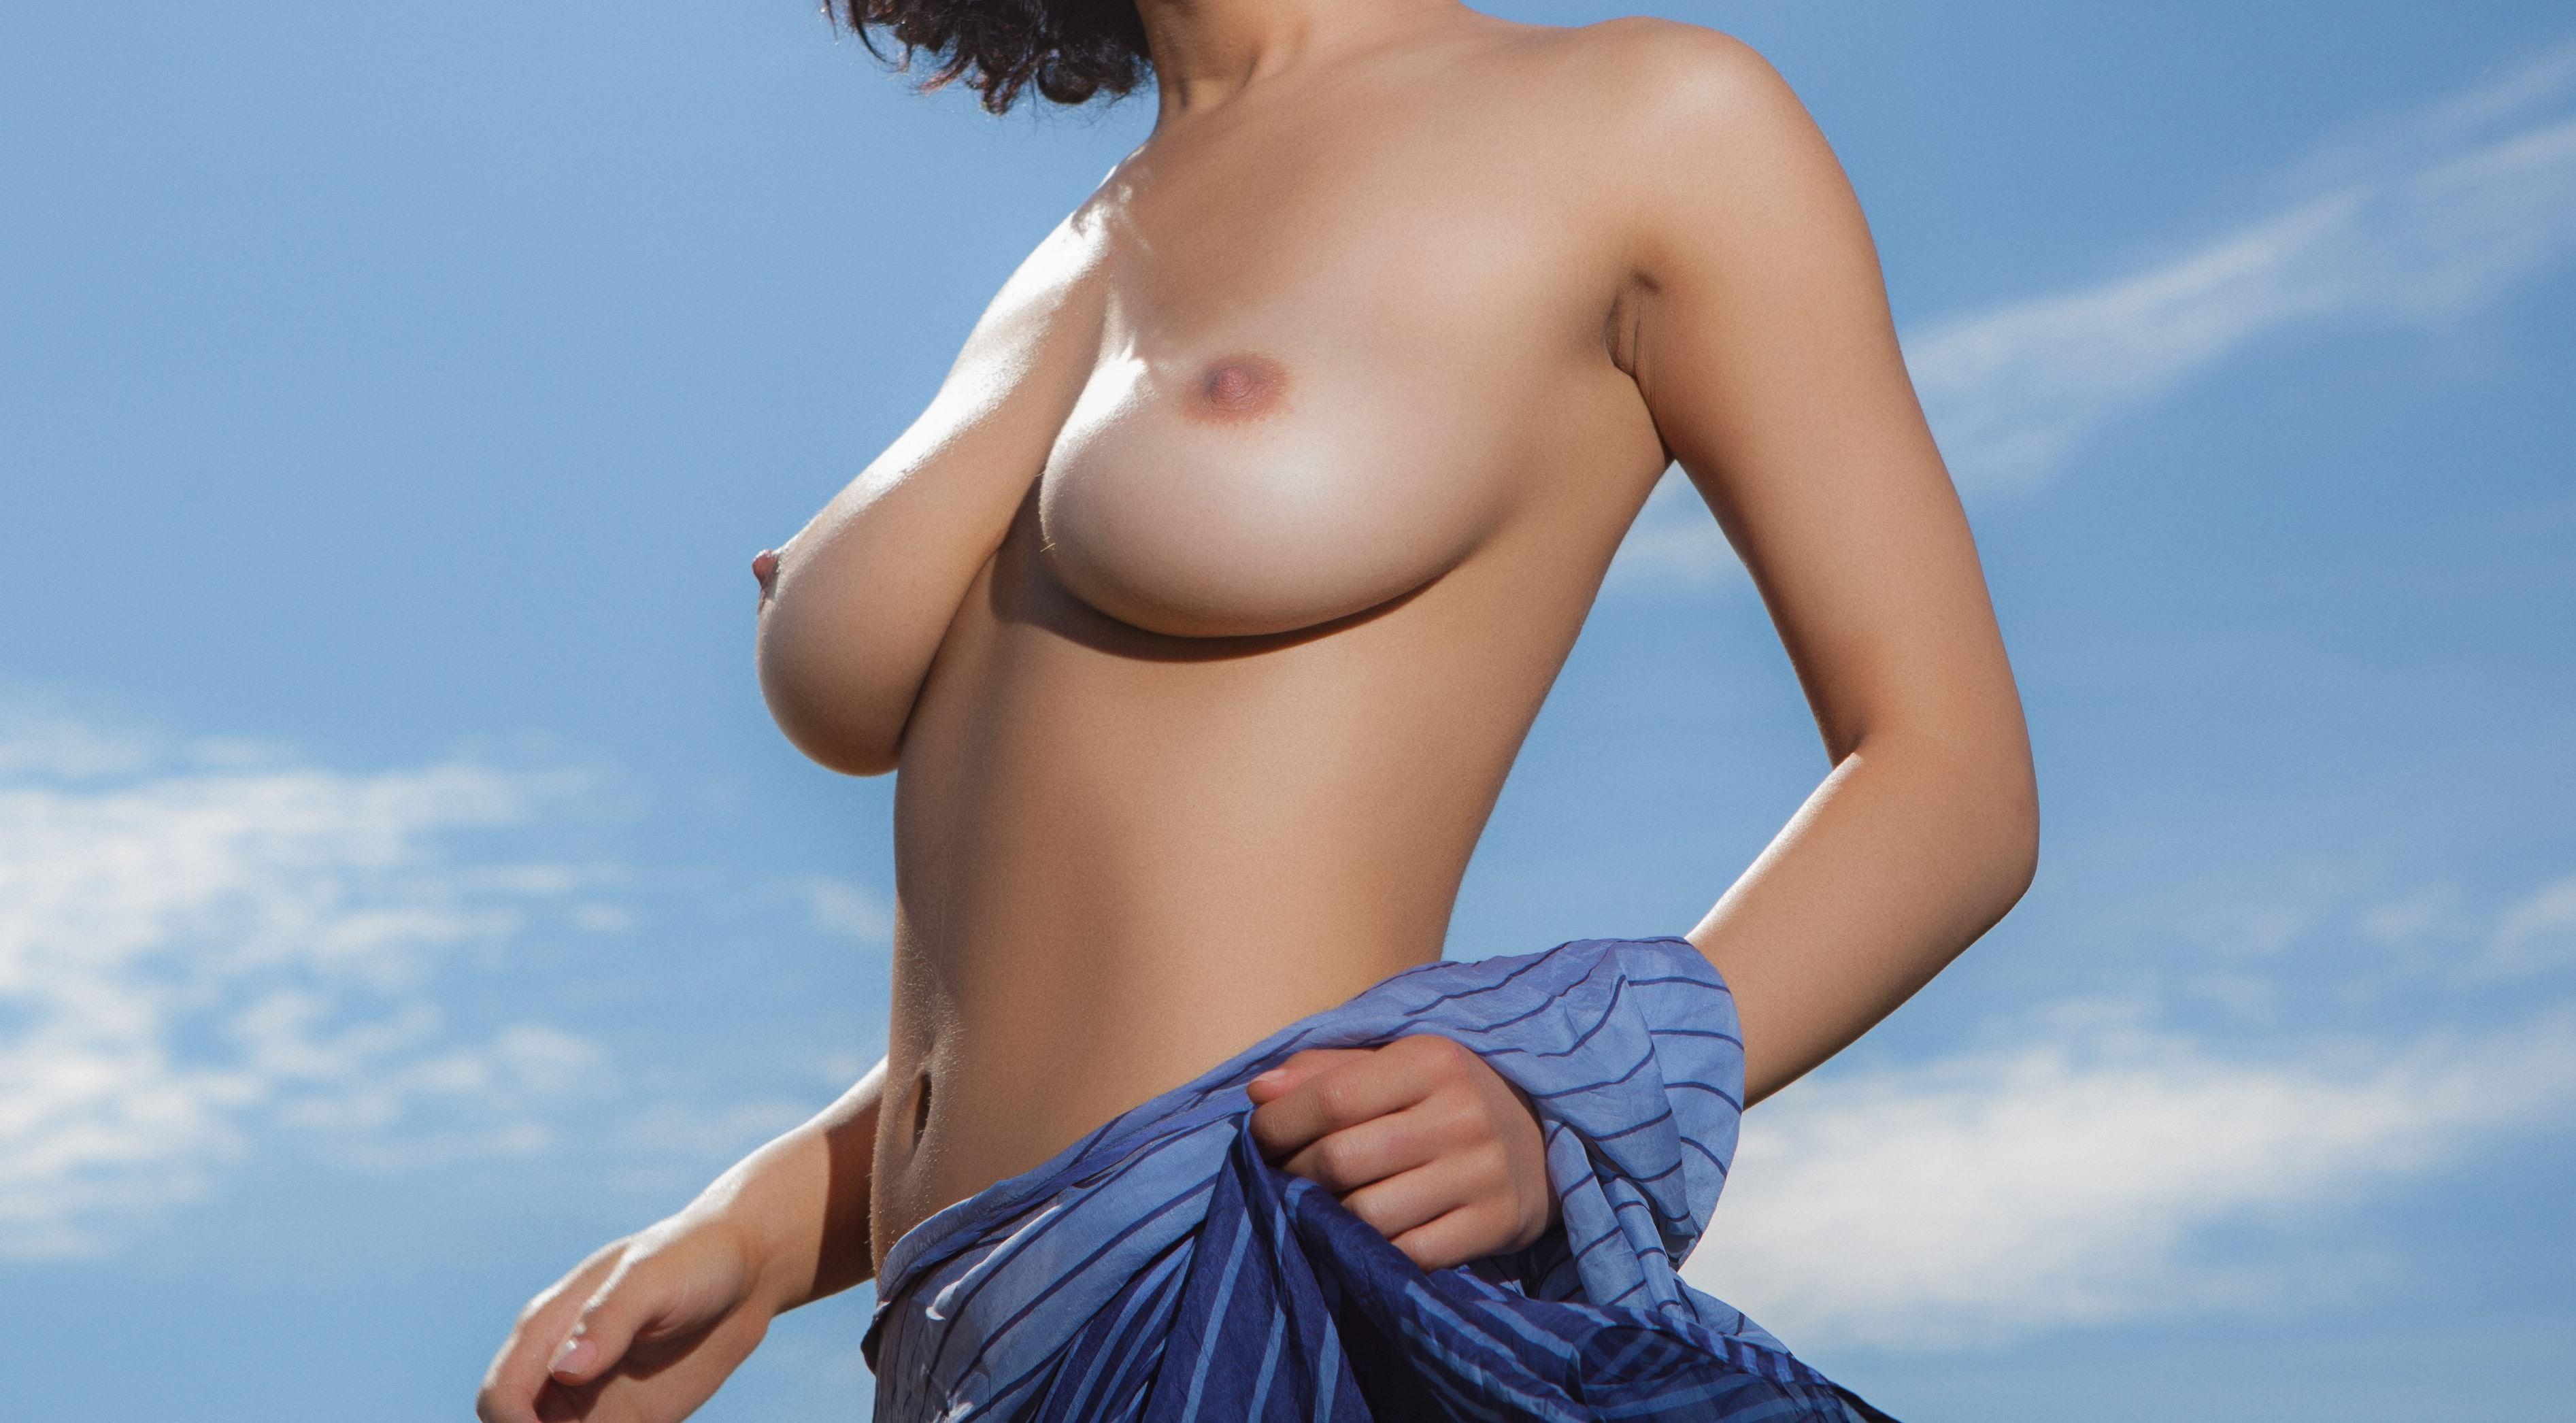 Фото Голые сиськи, девушка разделась на улице, острые соски, облака, скачать картинку бесплатно